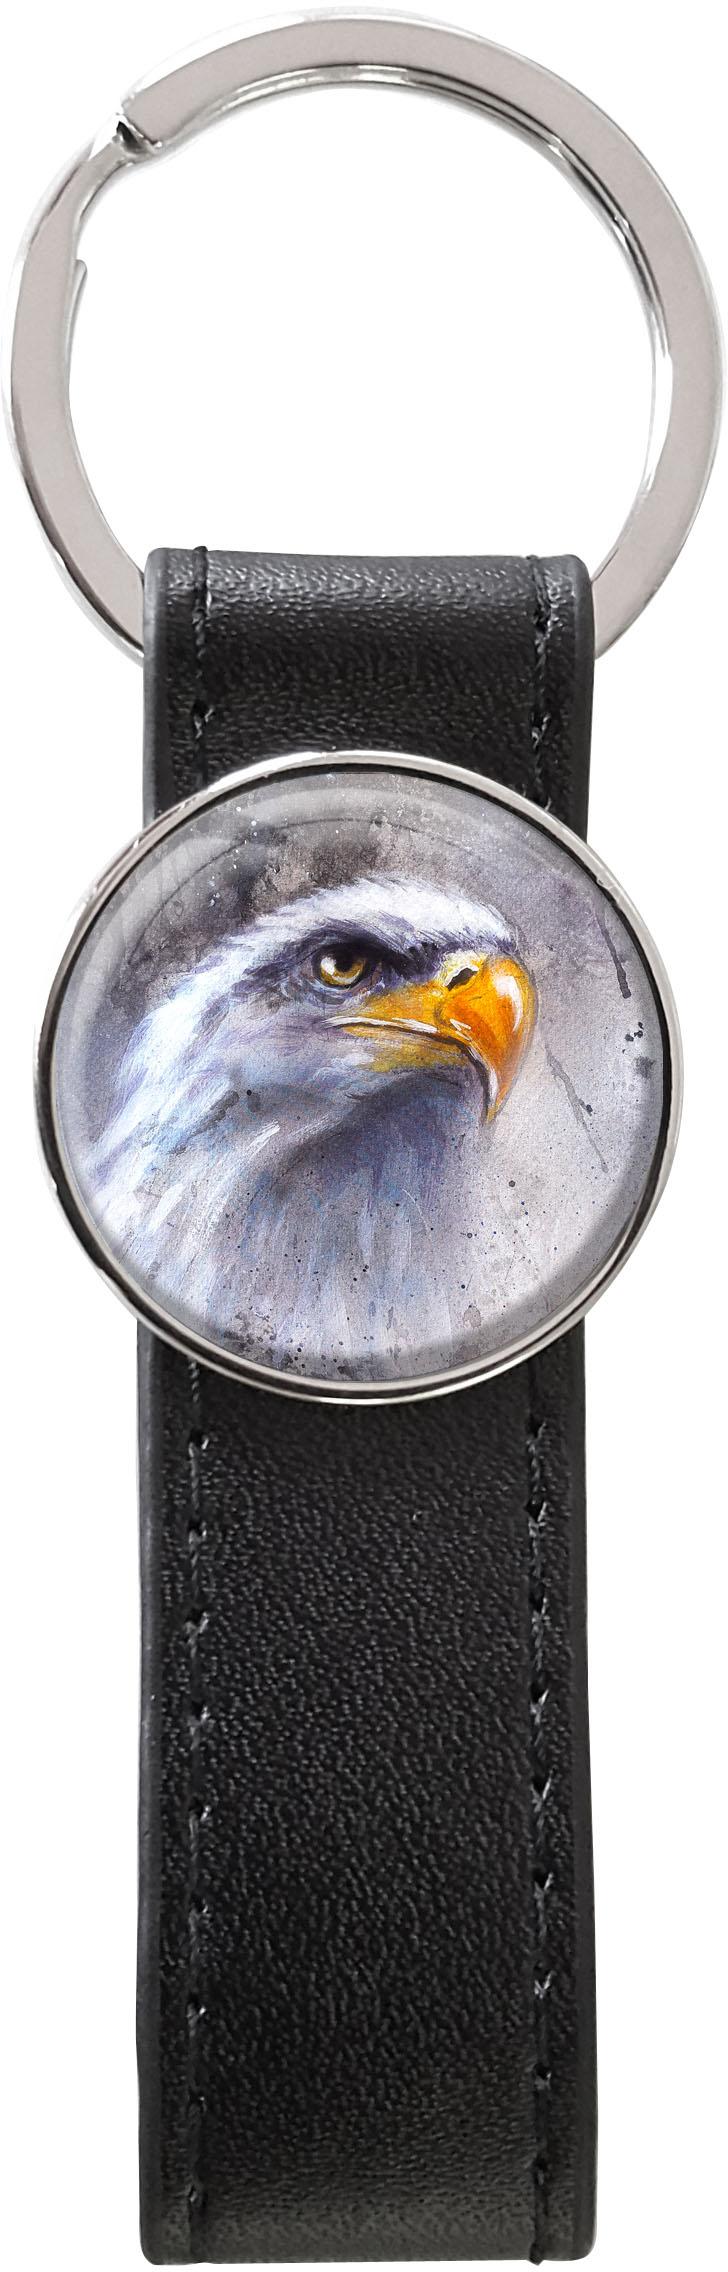 Schlüsselanhänger PU - Leder / Adler / Weißkopfseeadler / Raubvogel